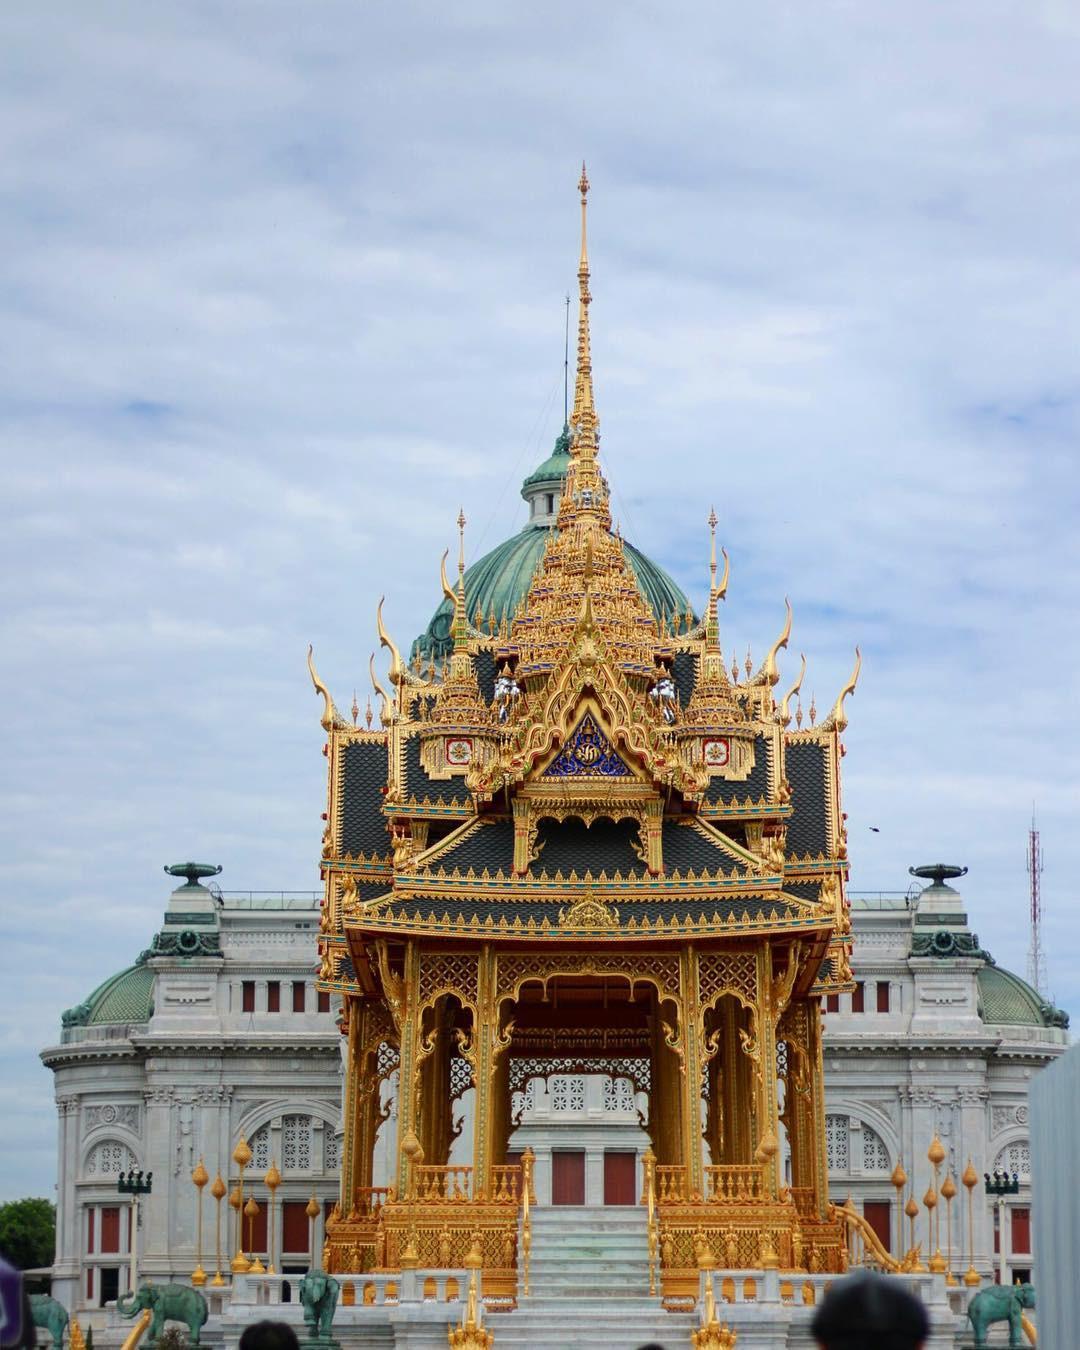 Đến Bangkok nhất định phải ghé thăm 3 cung điện siêu thực này - Ảnh 20.